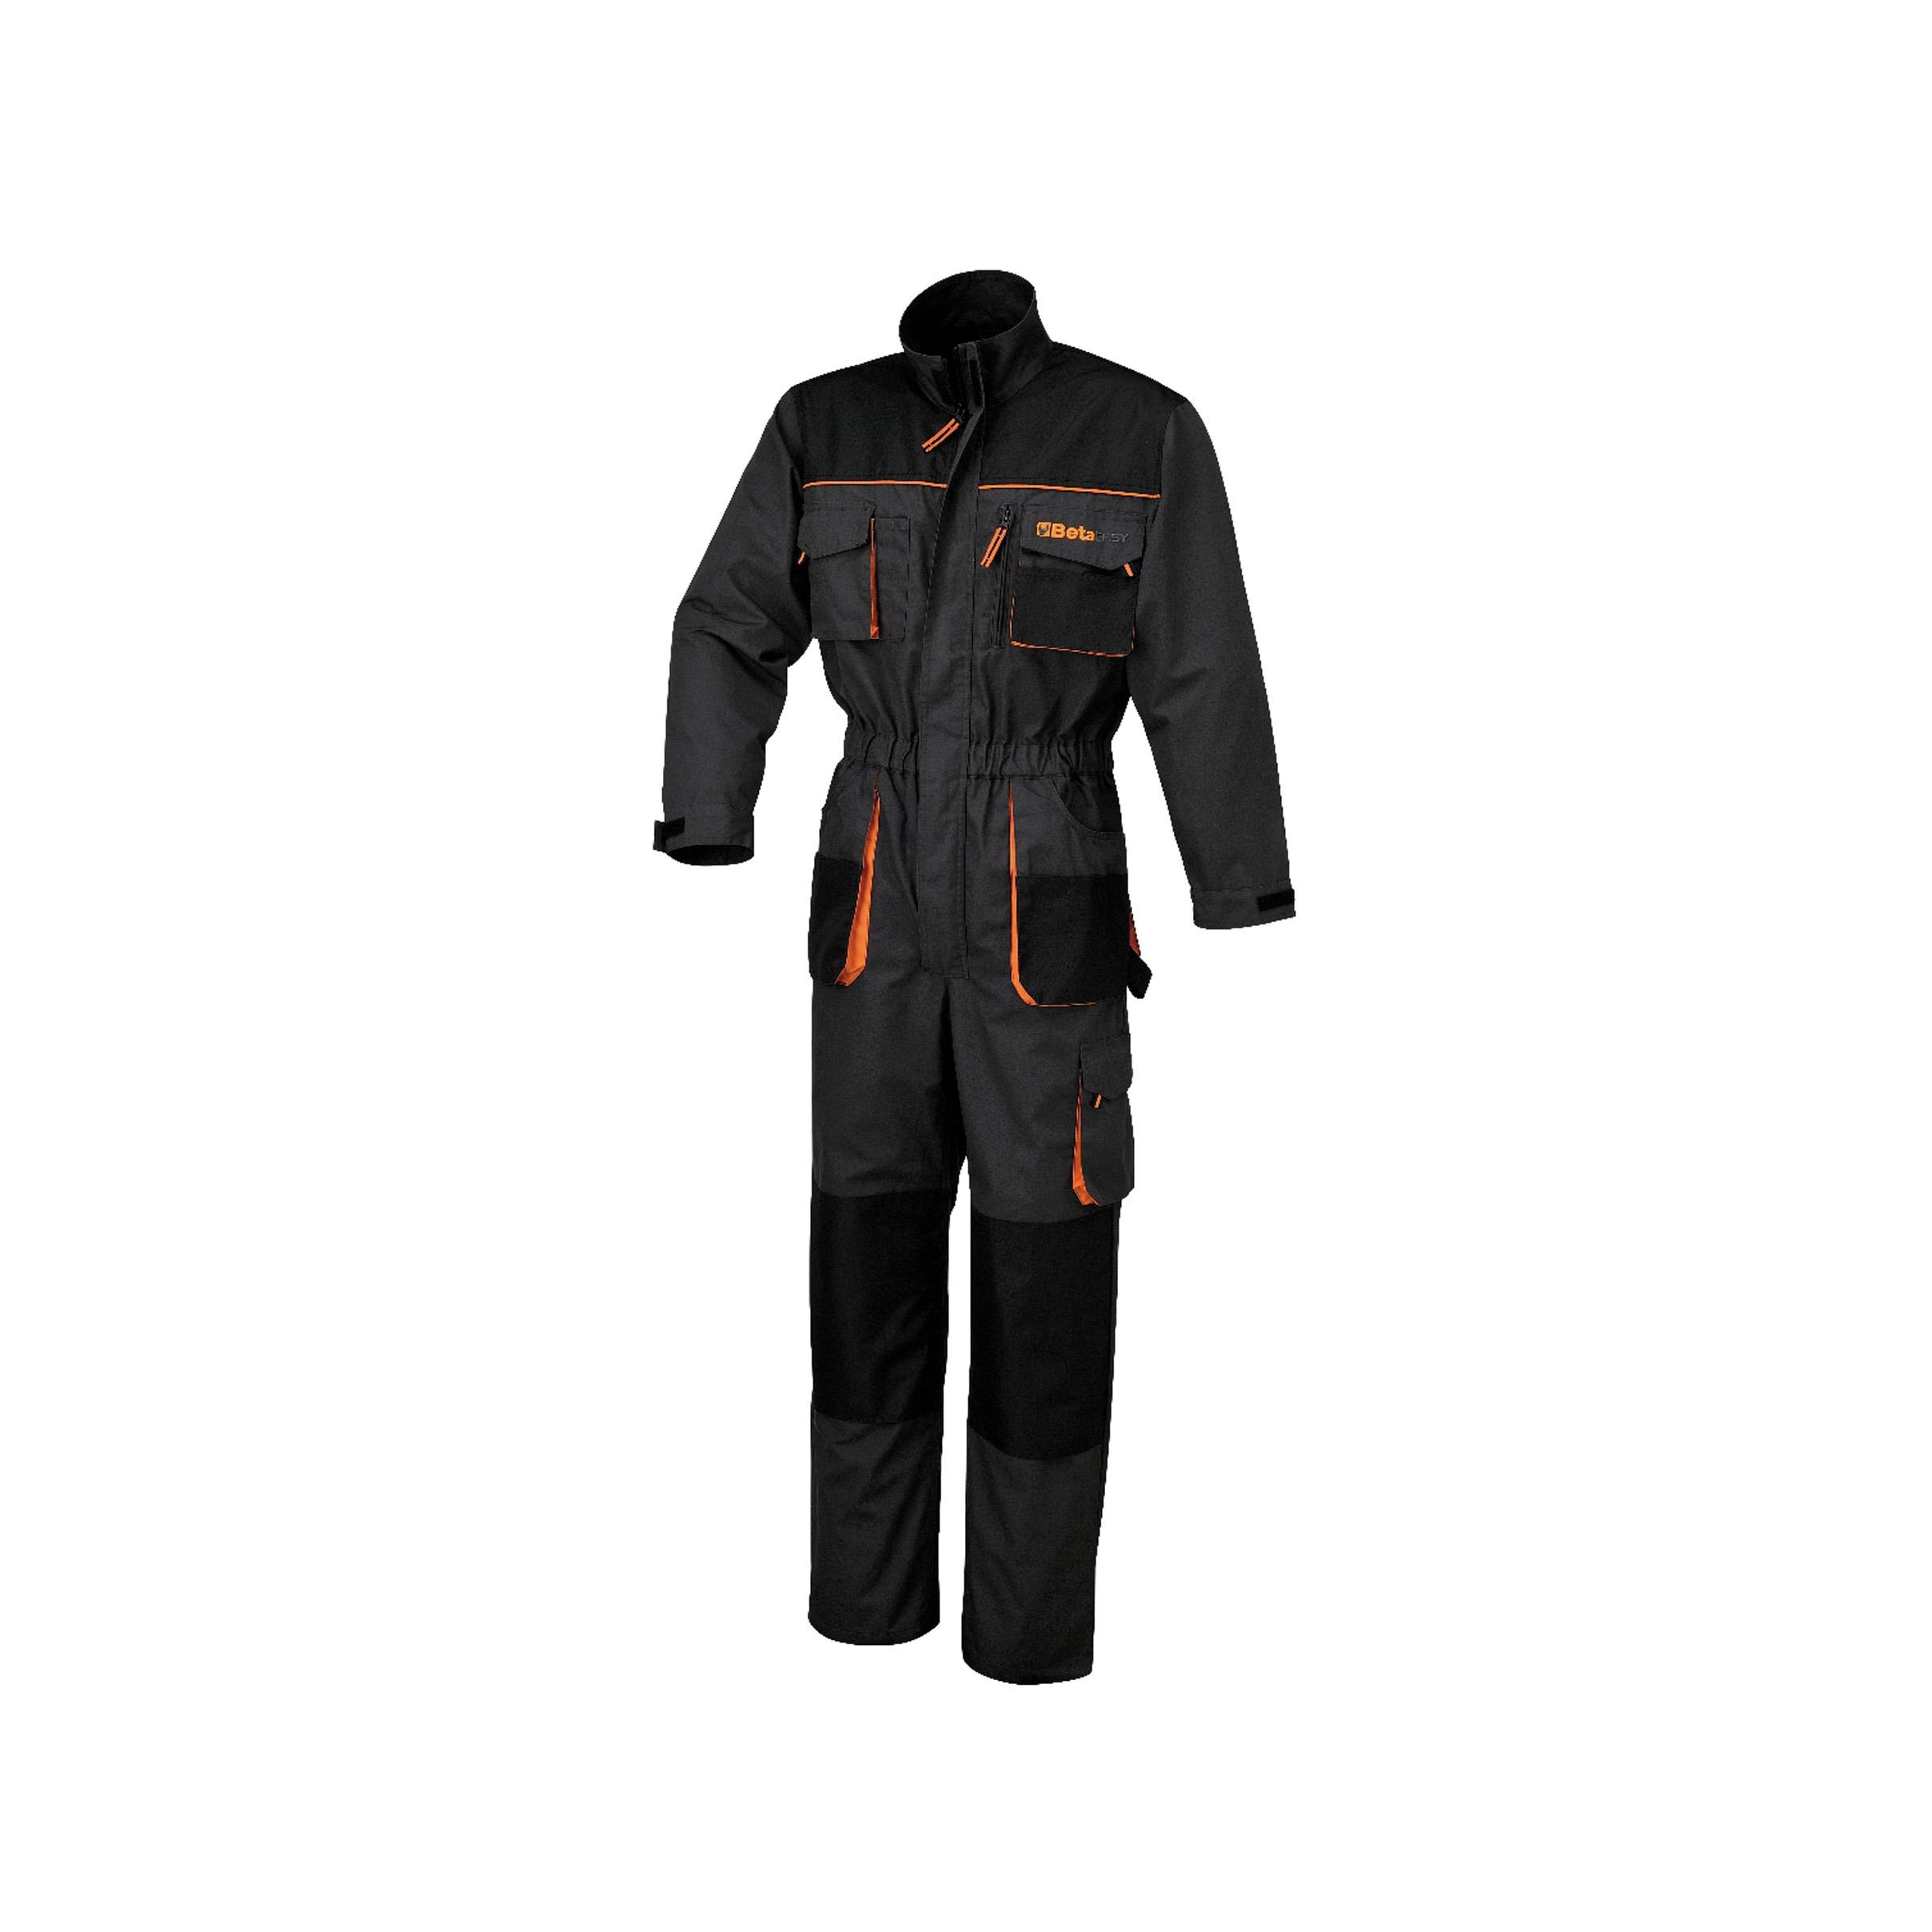 Beta Lightweight Work / Mechanic Overalls / Boiler Suit